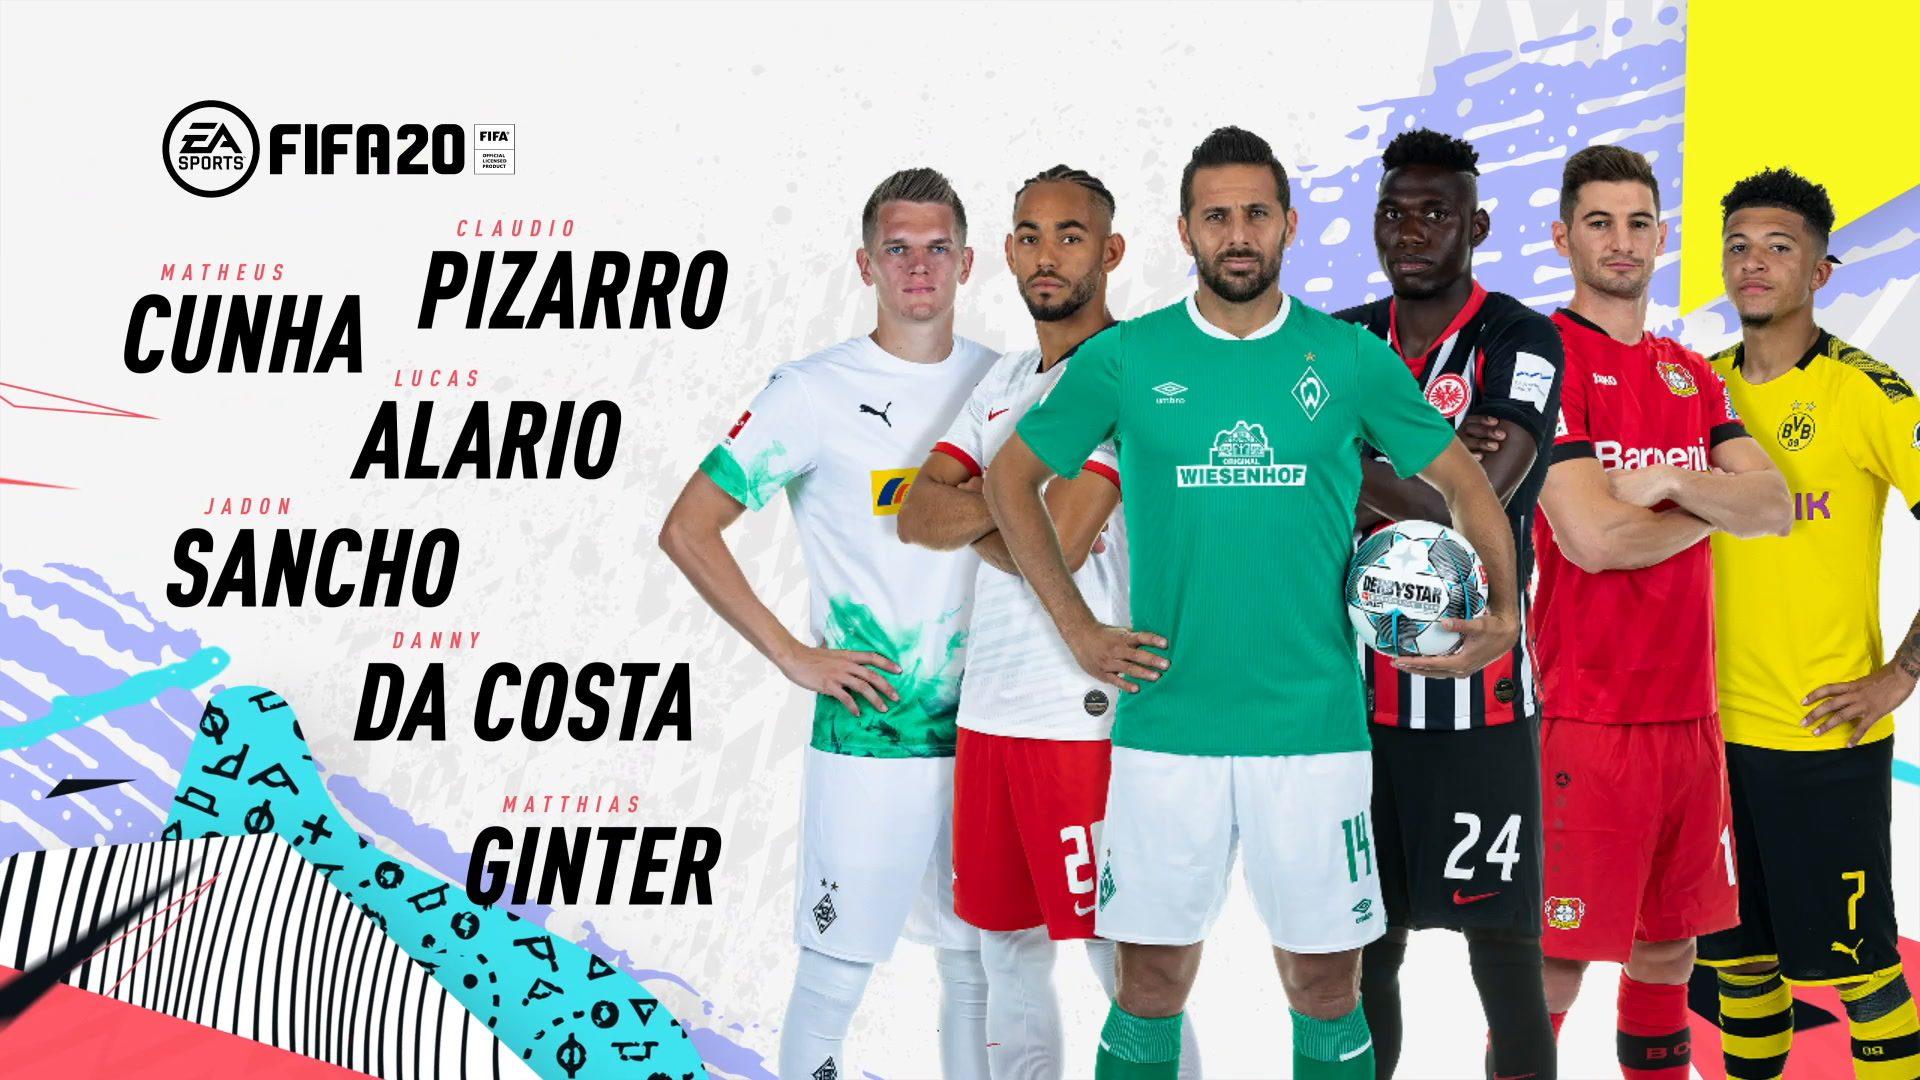 FIFA 20 von EA Sports: Einzigartige Skills